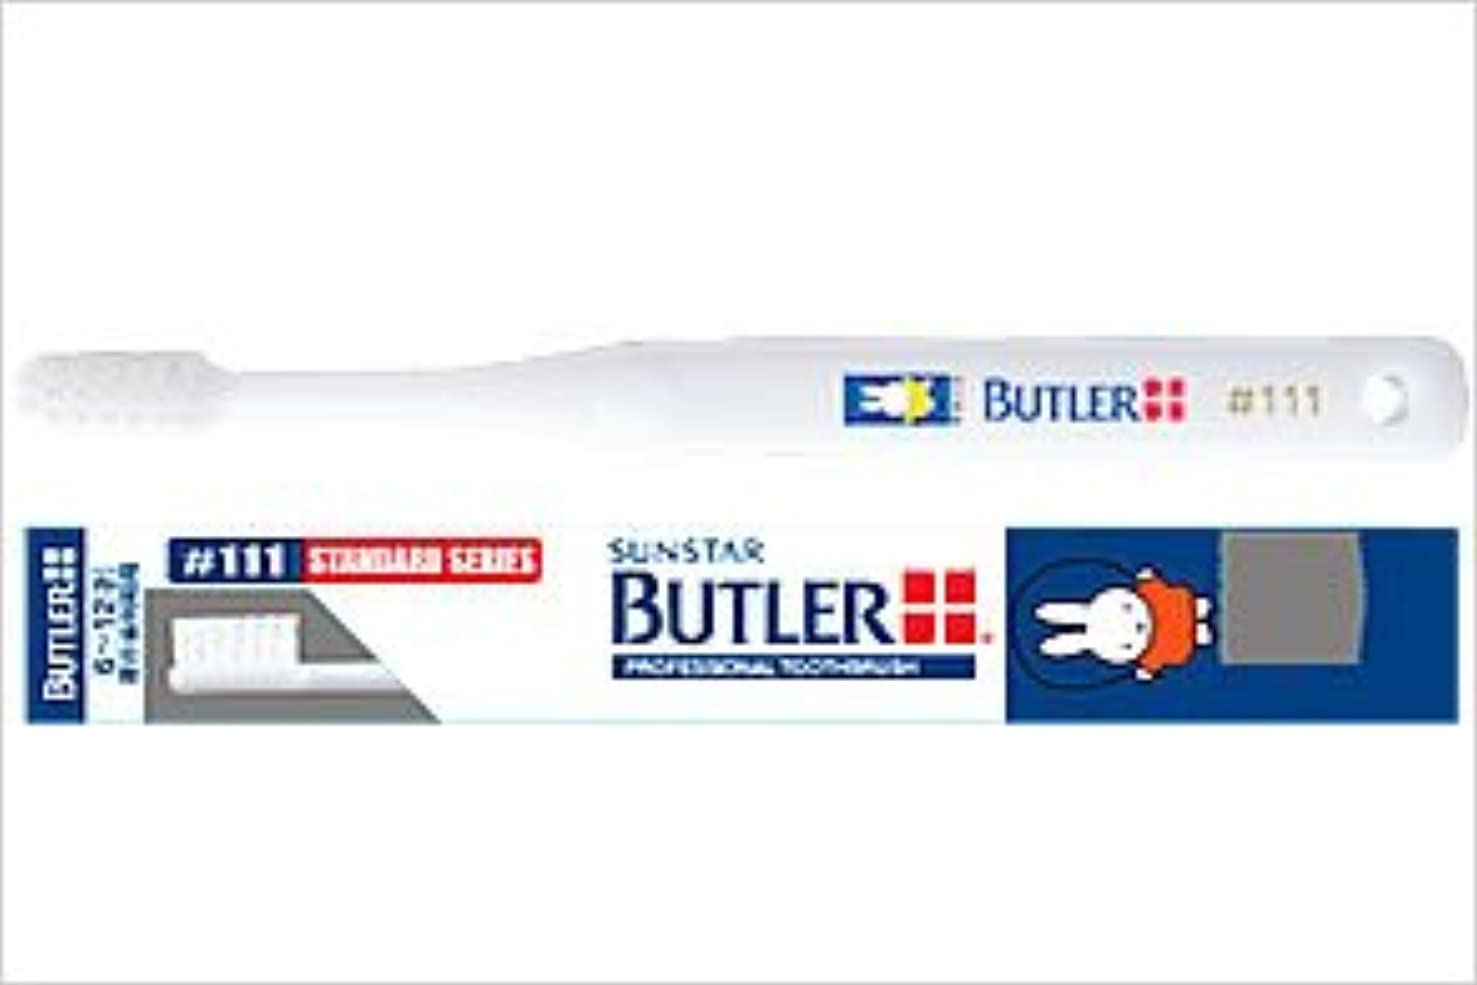 マティス上げる慣性バトラー 歯ブラシ ミッフィーシリーズ 12本入 #111